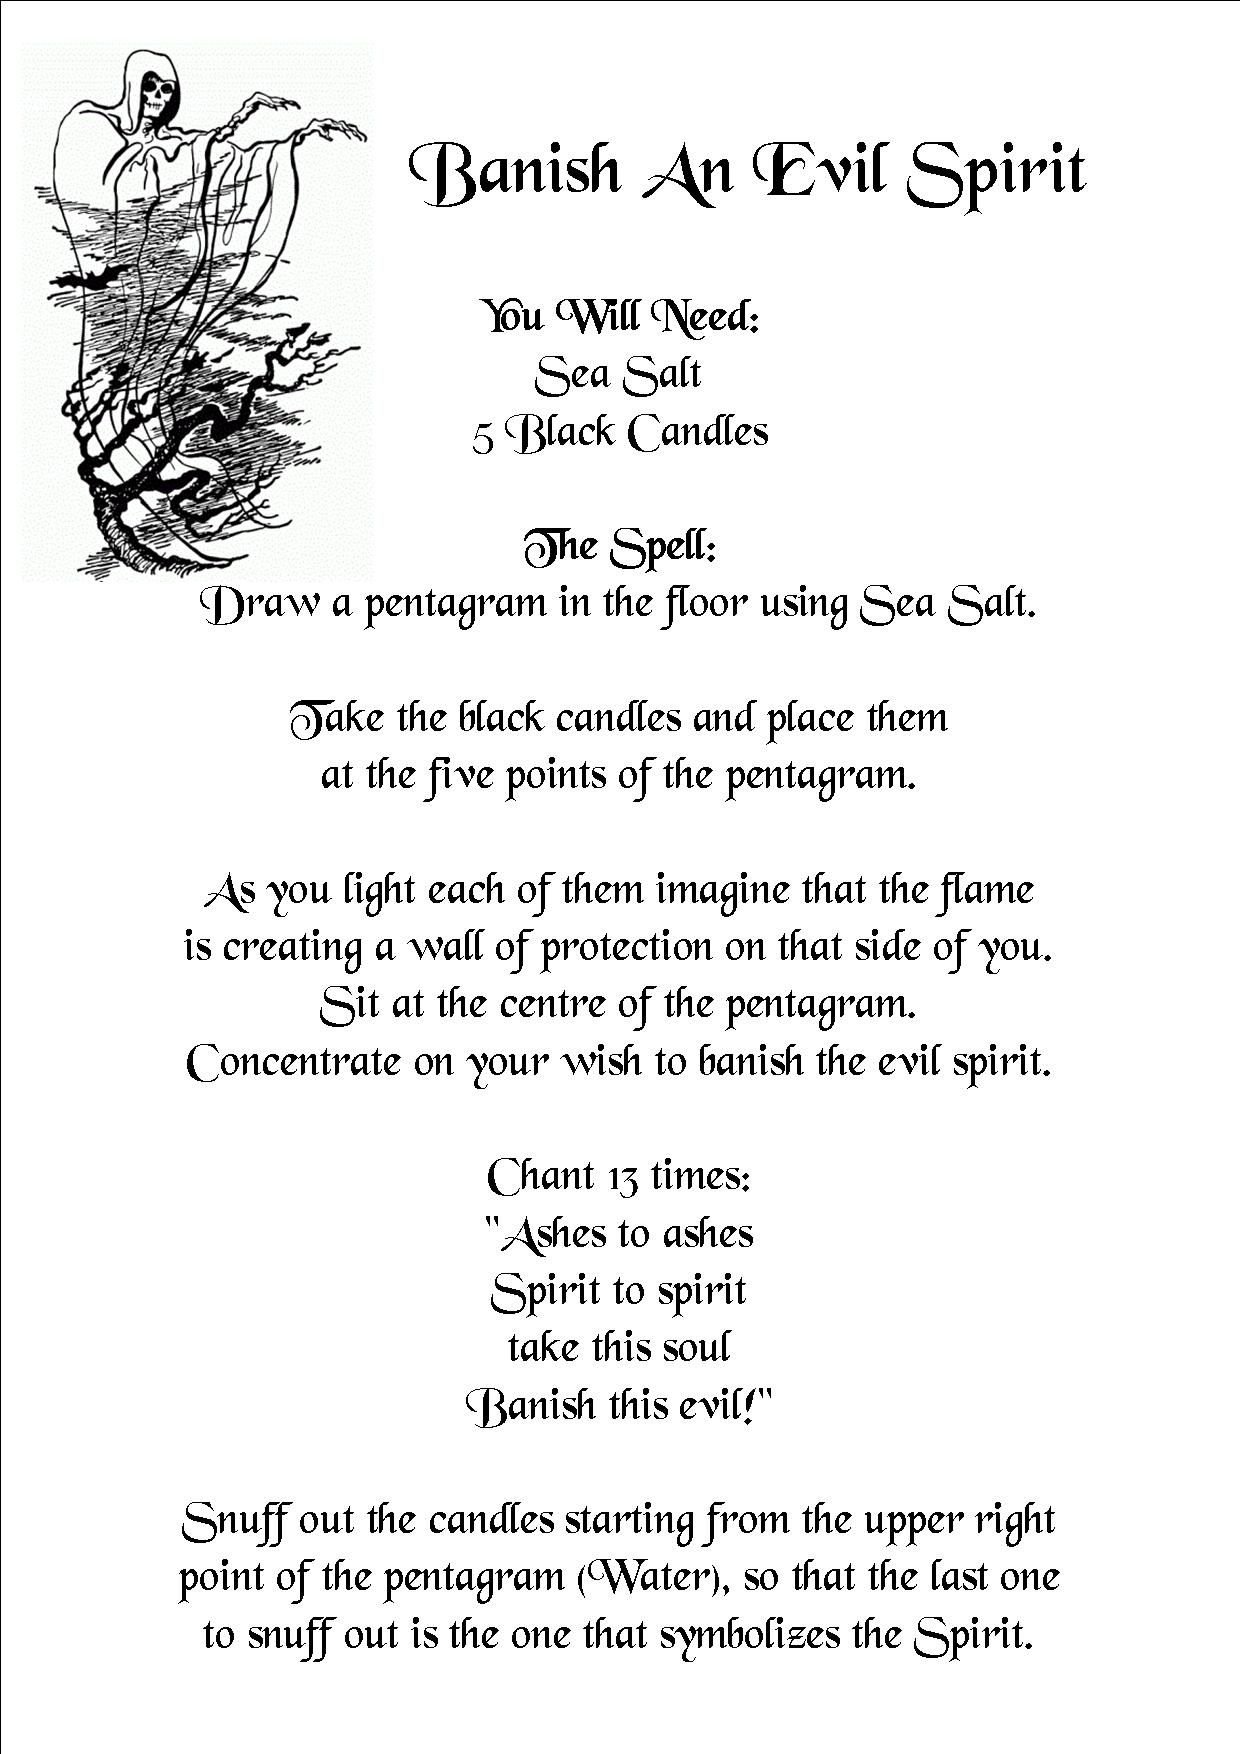 Banish an evil spirit banishing spell wiccan spell book